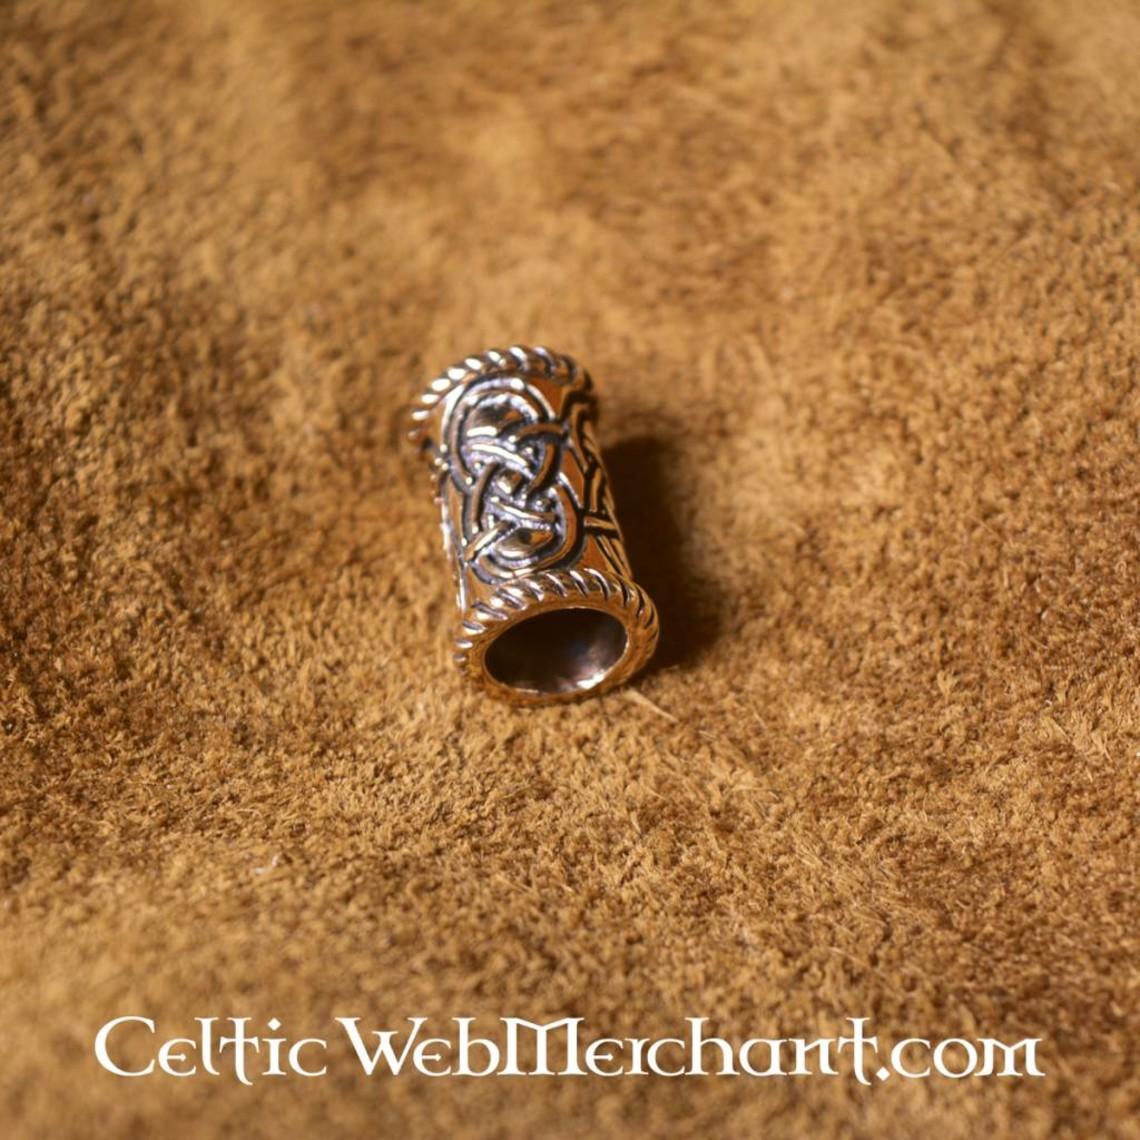 Largo de bronce beardbead Celtic